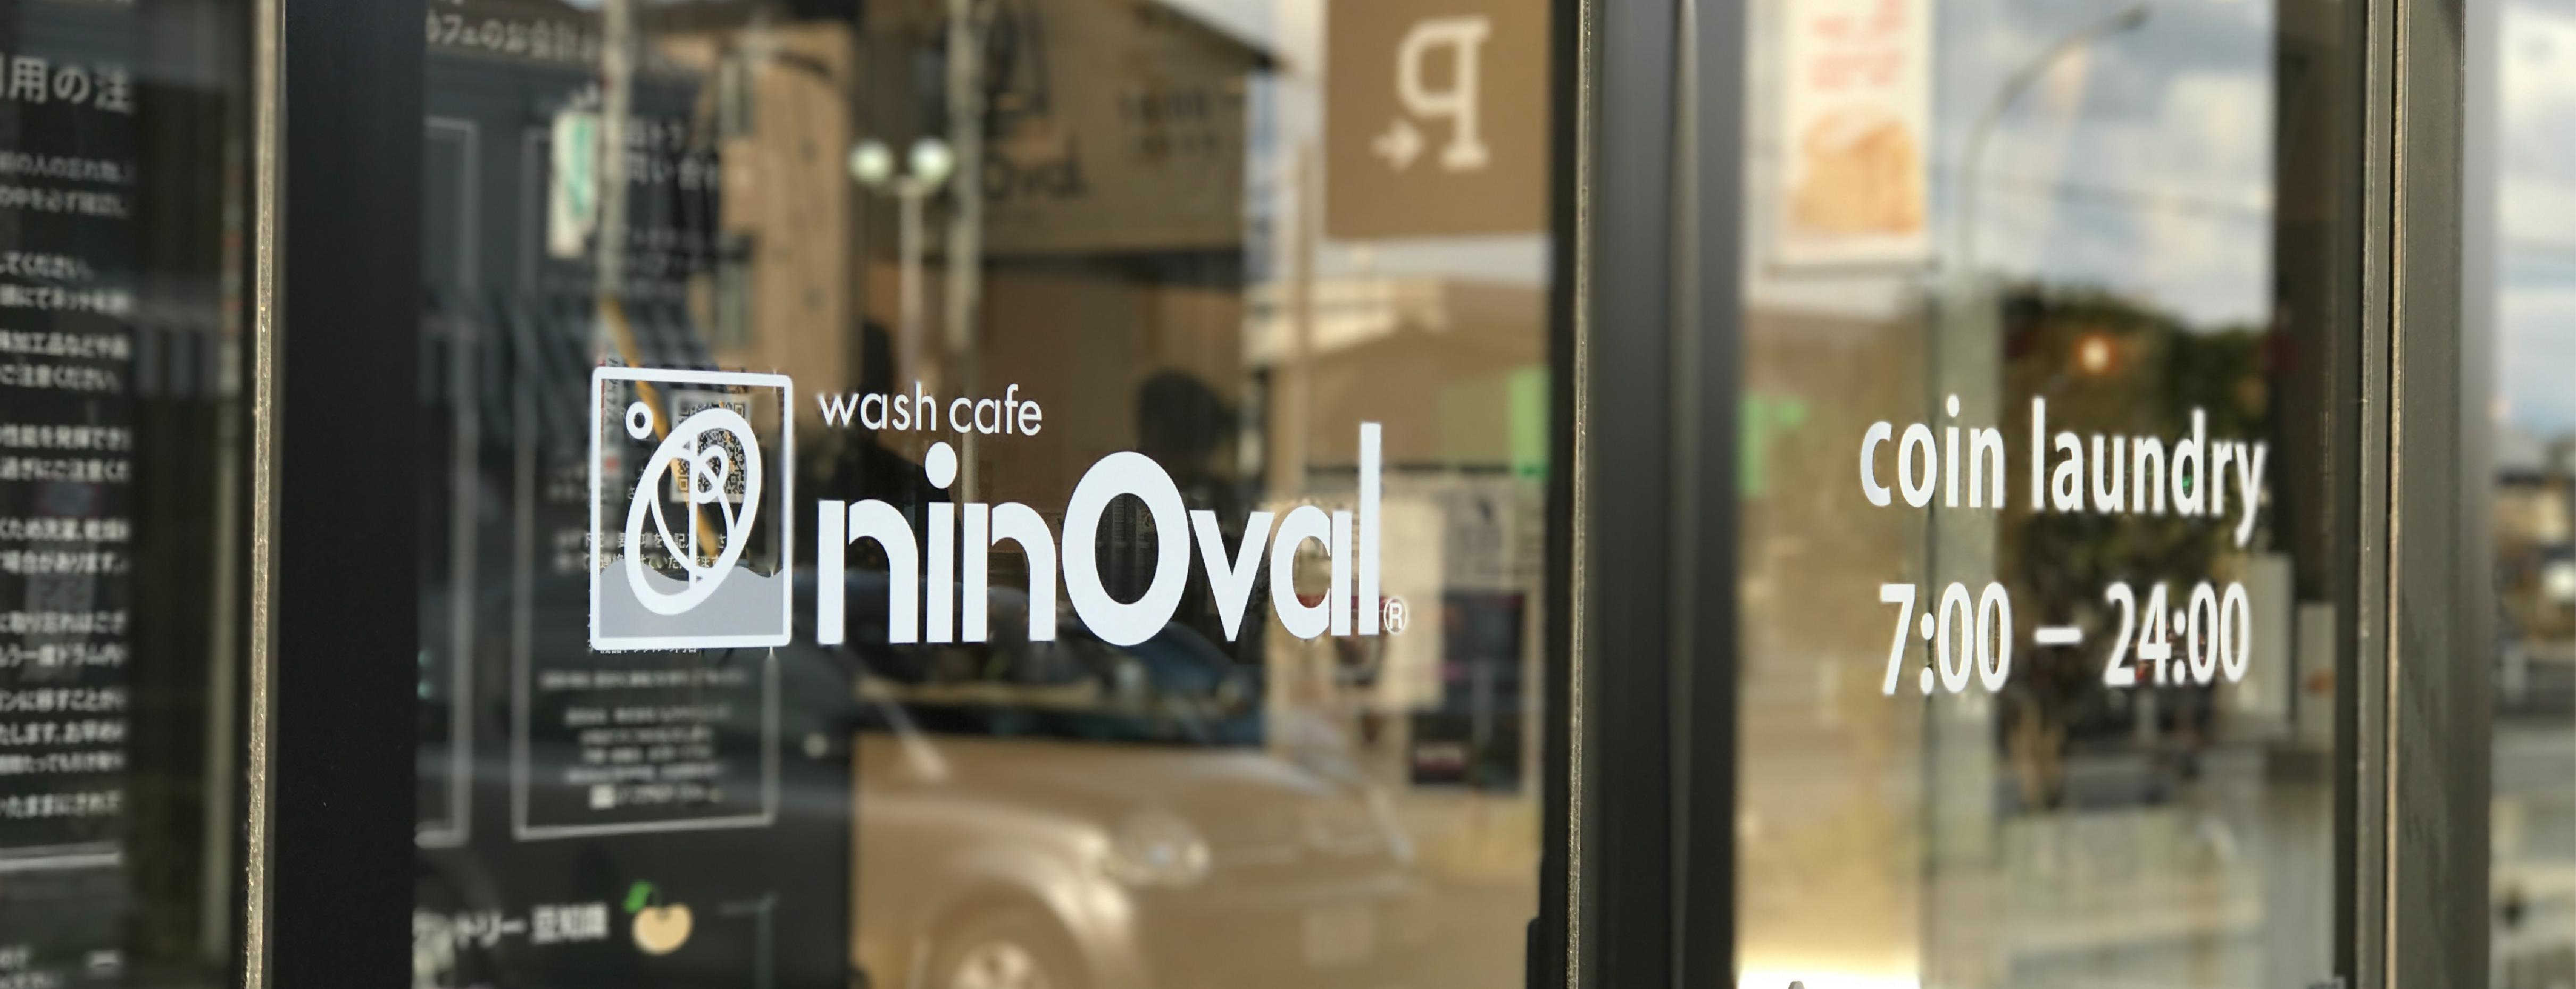 """関西大手クリーニングチェーン店が始めたカフェ併設のコインランドリー。その""""ねらい""""とは?"""